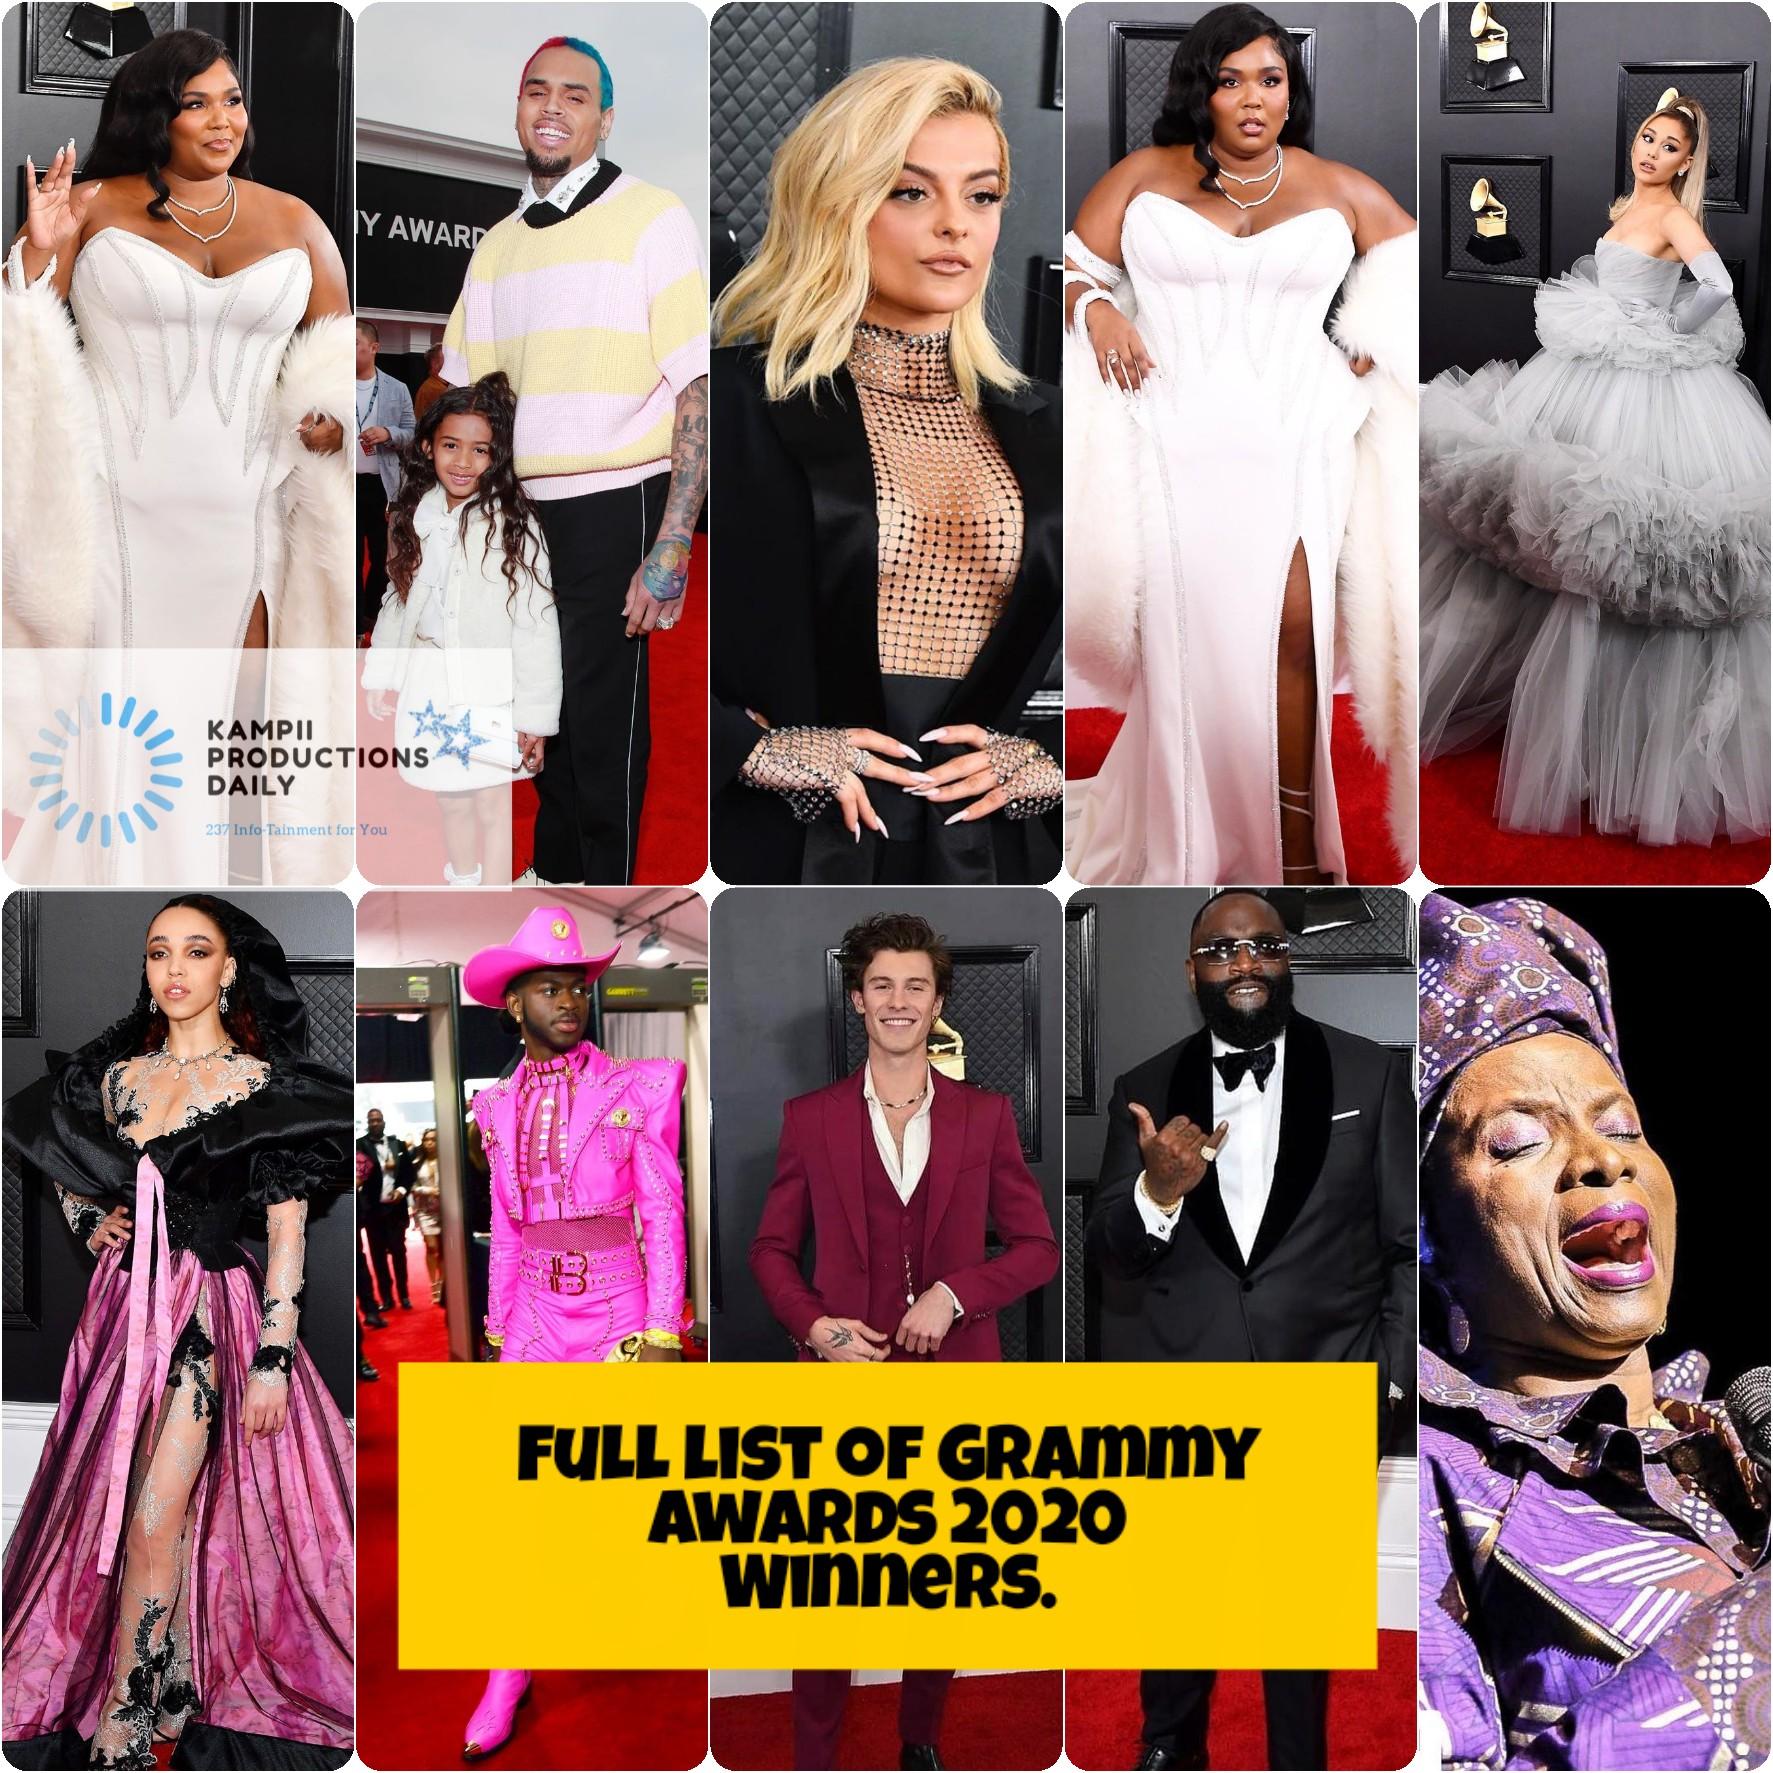 Grammy Awards 2020 Full list of winners!